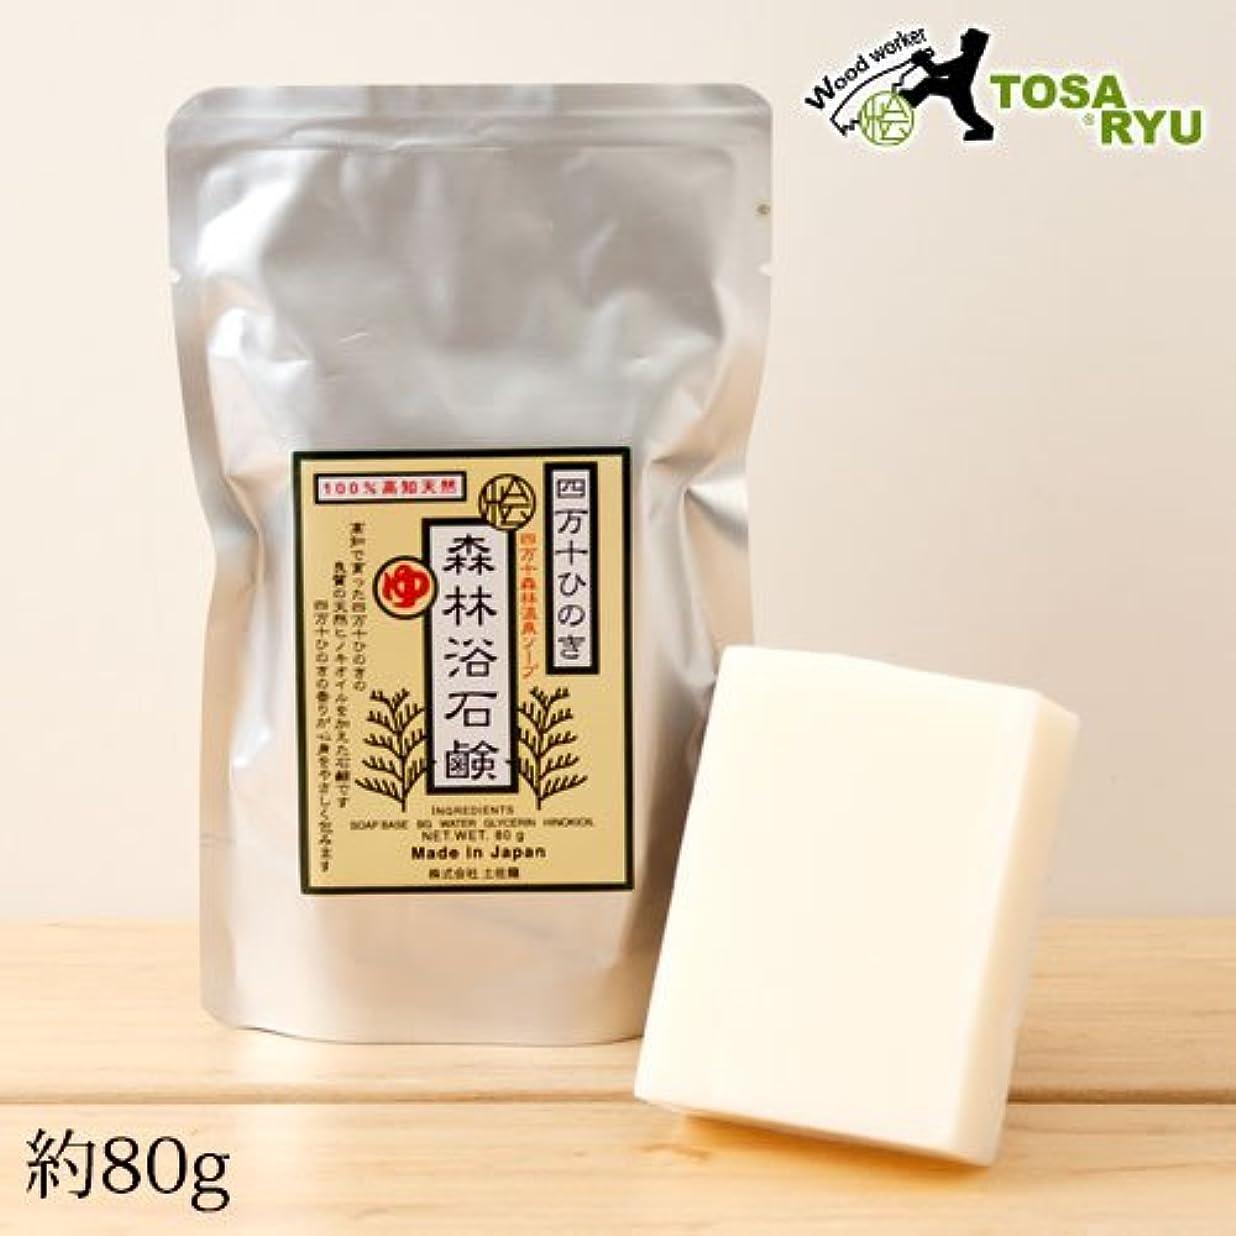 項目猫背義務付けられた土佐龍四万十森林温泉石鹸ひのきの香りのアロマソープ高知県の工芸品Aroma soap scent of cypress, Kochi craft